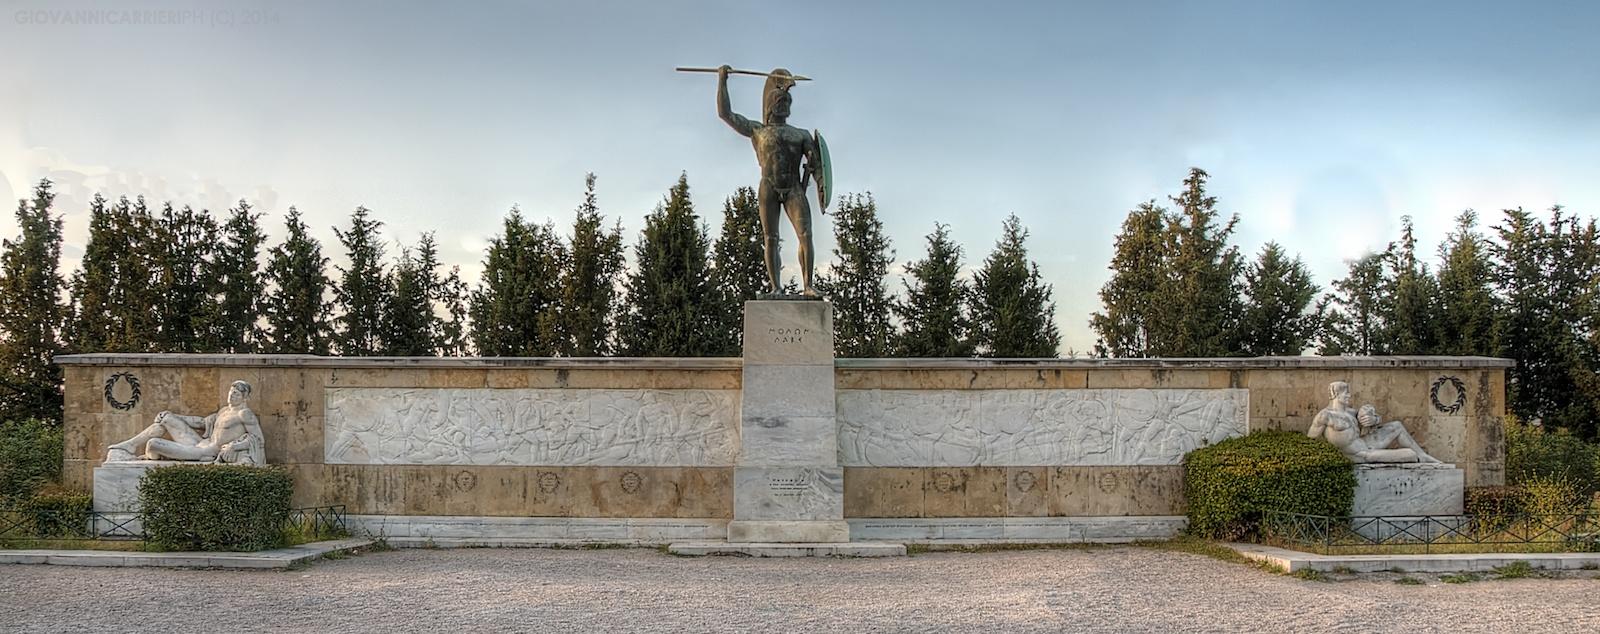 Il monumento commemorativo della battaglia delle Termopili